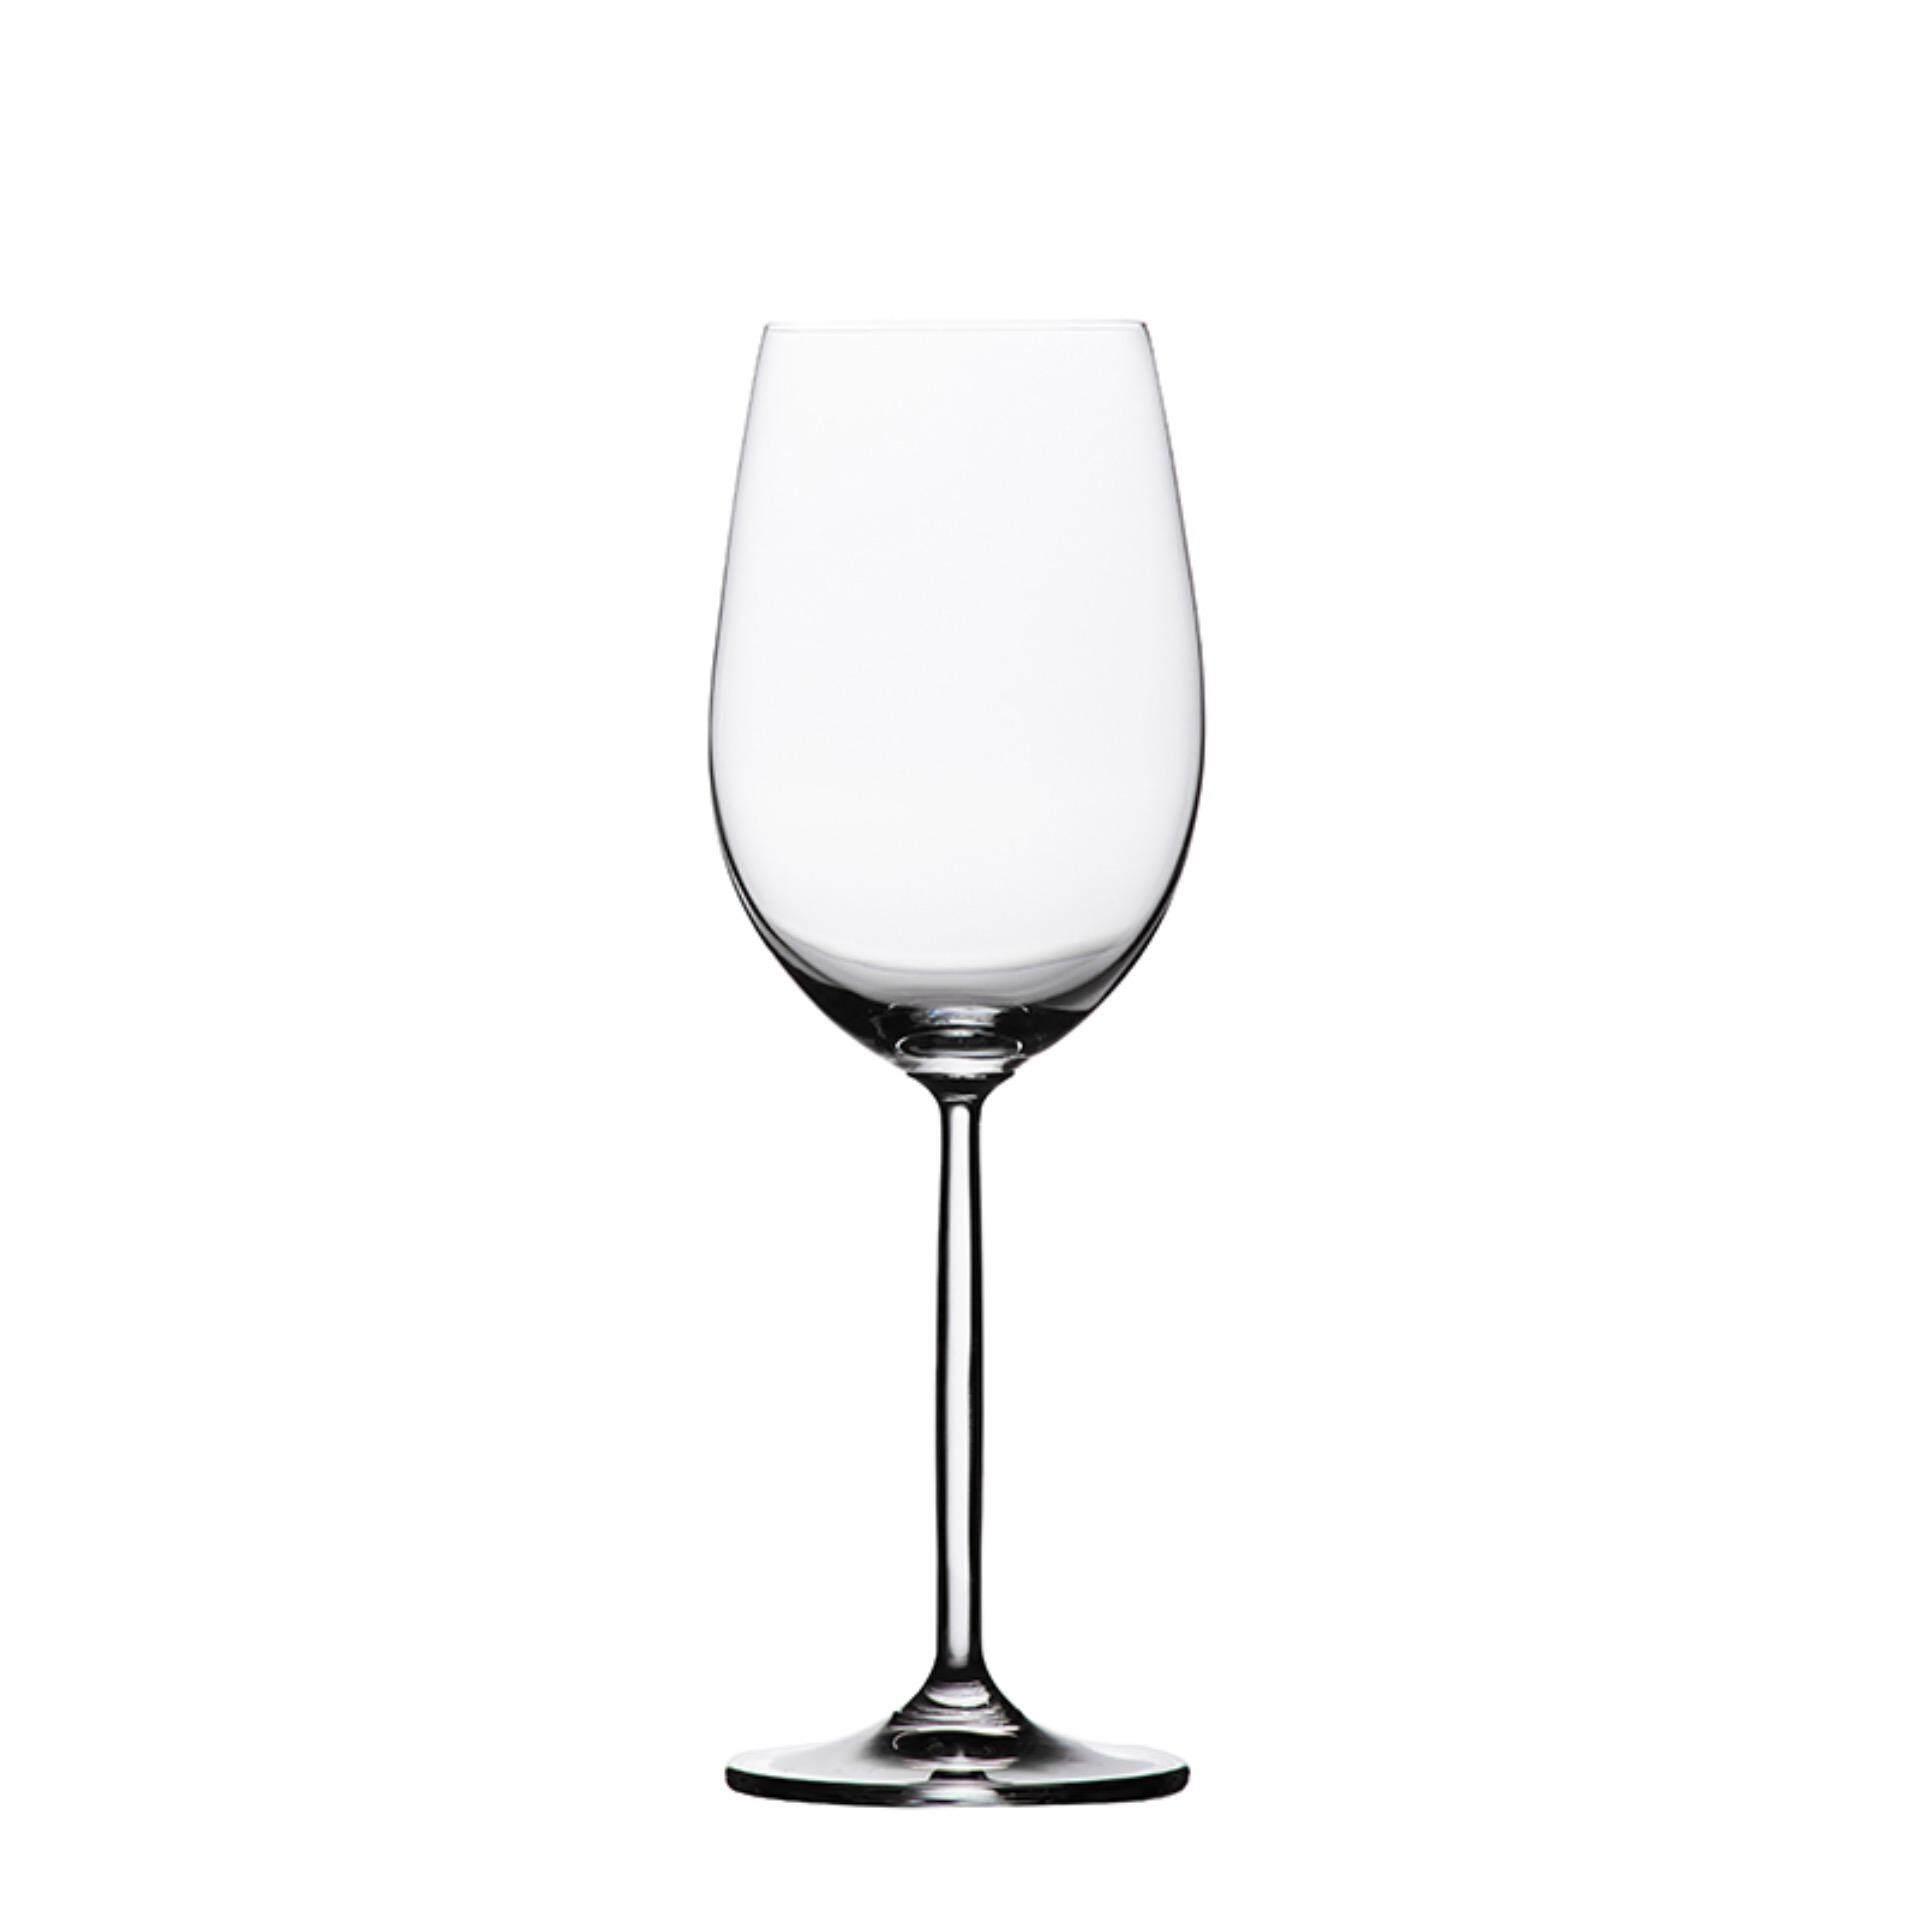 (2 pcs) (แก้วไวน์ BORDEAUX 21 ออนซ์) RIPPLE BORDEAUX GLASS 21 OZ